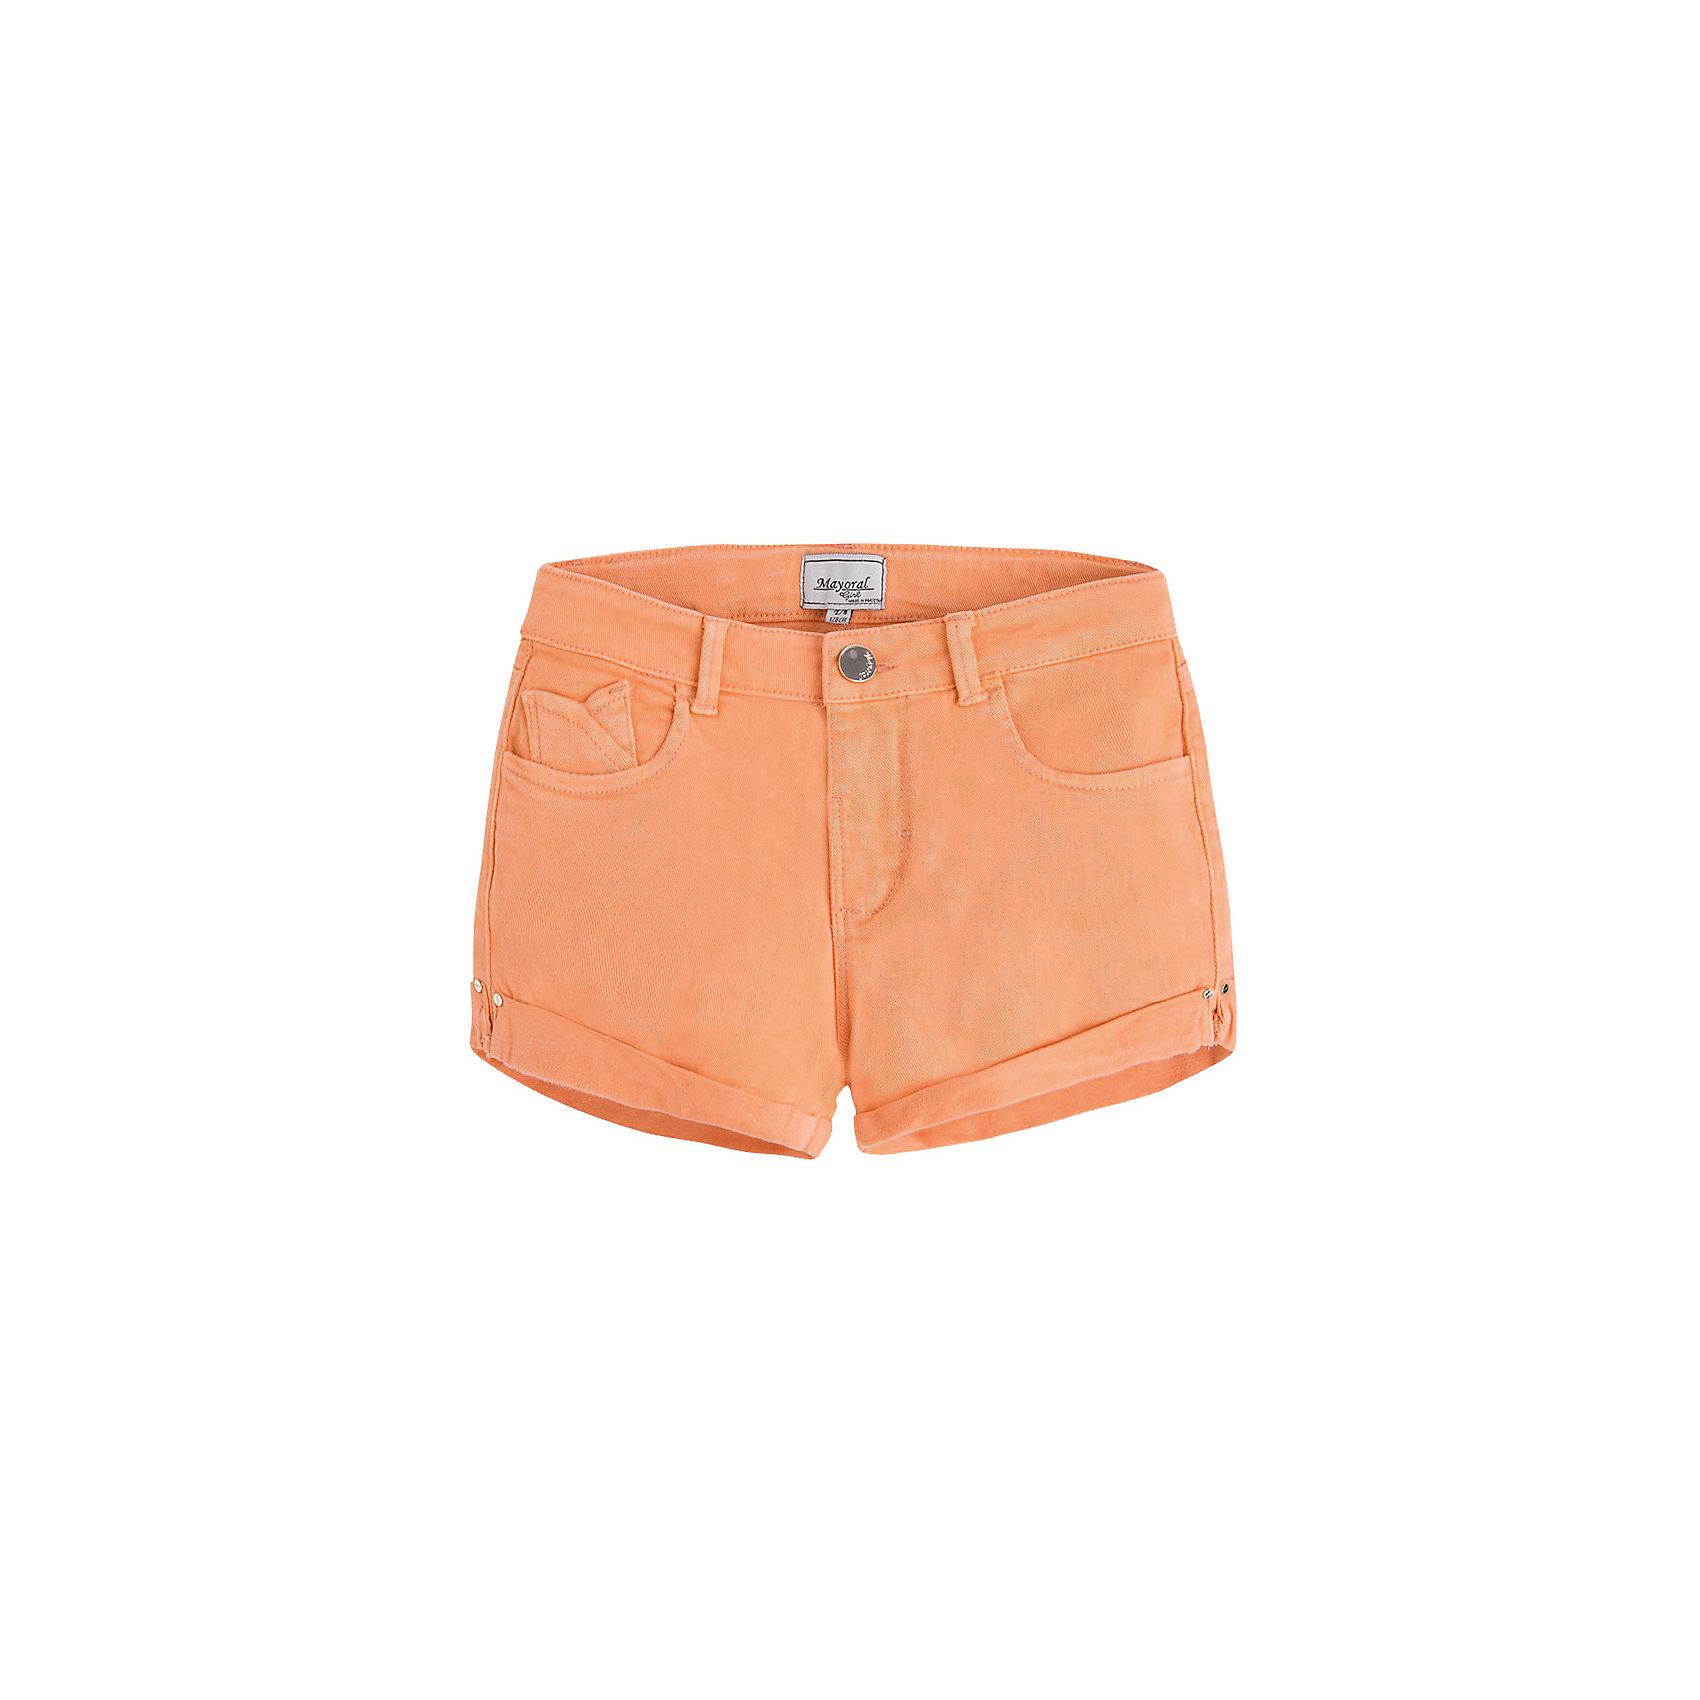 Шорты для девочки MayoralШорты для девочки от известной испанской марки Mayoral - прекрасный вариант для летнего гардероба юной модницы.<br><br>Дополнительная информация:<br><br>- Приятная к телу ткань.<br>- Застегиваются на молнию и пуговицу.<br>- 5 карманов.<br>- С отворотами. <br>- Регулируются на талии. <br>- Состав: 98% хлопок, 2% эластан.<br><br>Шорты для девочки Mayoral (Майорал) можно купить в нашем магазине.<br><br>Ширина мм: 191<br>Глубина мм: 10<br>Высота мм: 175<br>Вес г: 273<br>Цвет: оранжевый<br>Возраст от месяцев: 144<br>Возраст до месяцев: 156<br>Пол: Женский<br>Возраст: Детский<br>Размер: 158,152,140,128,170,164<br>SKU: 4537516